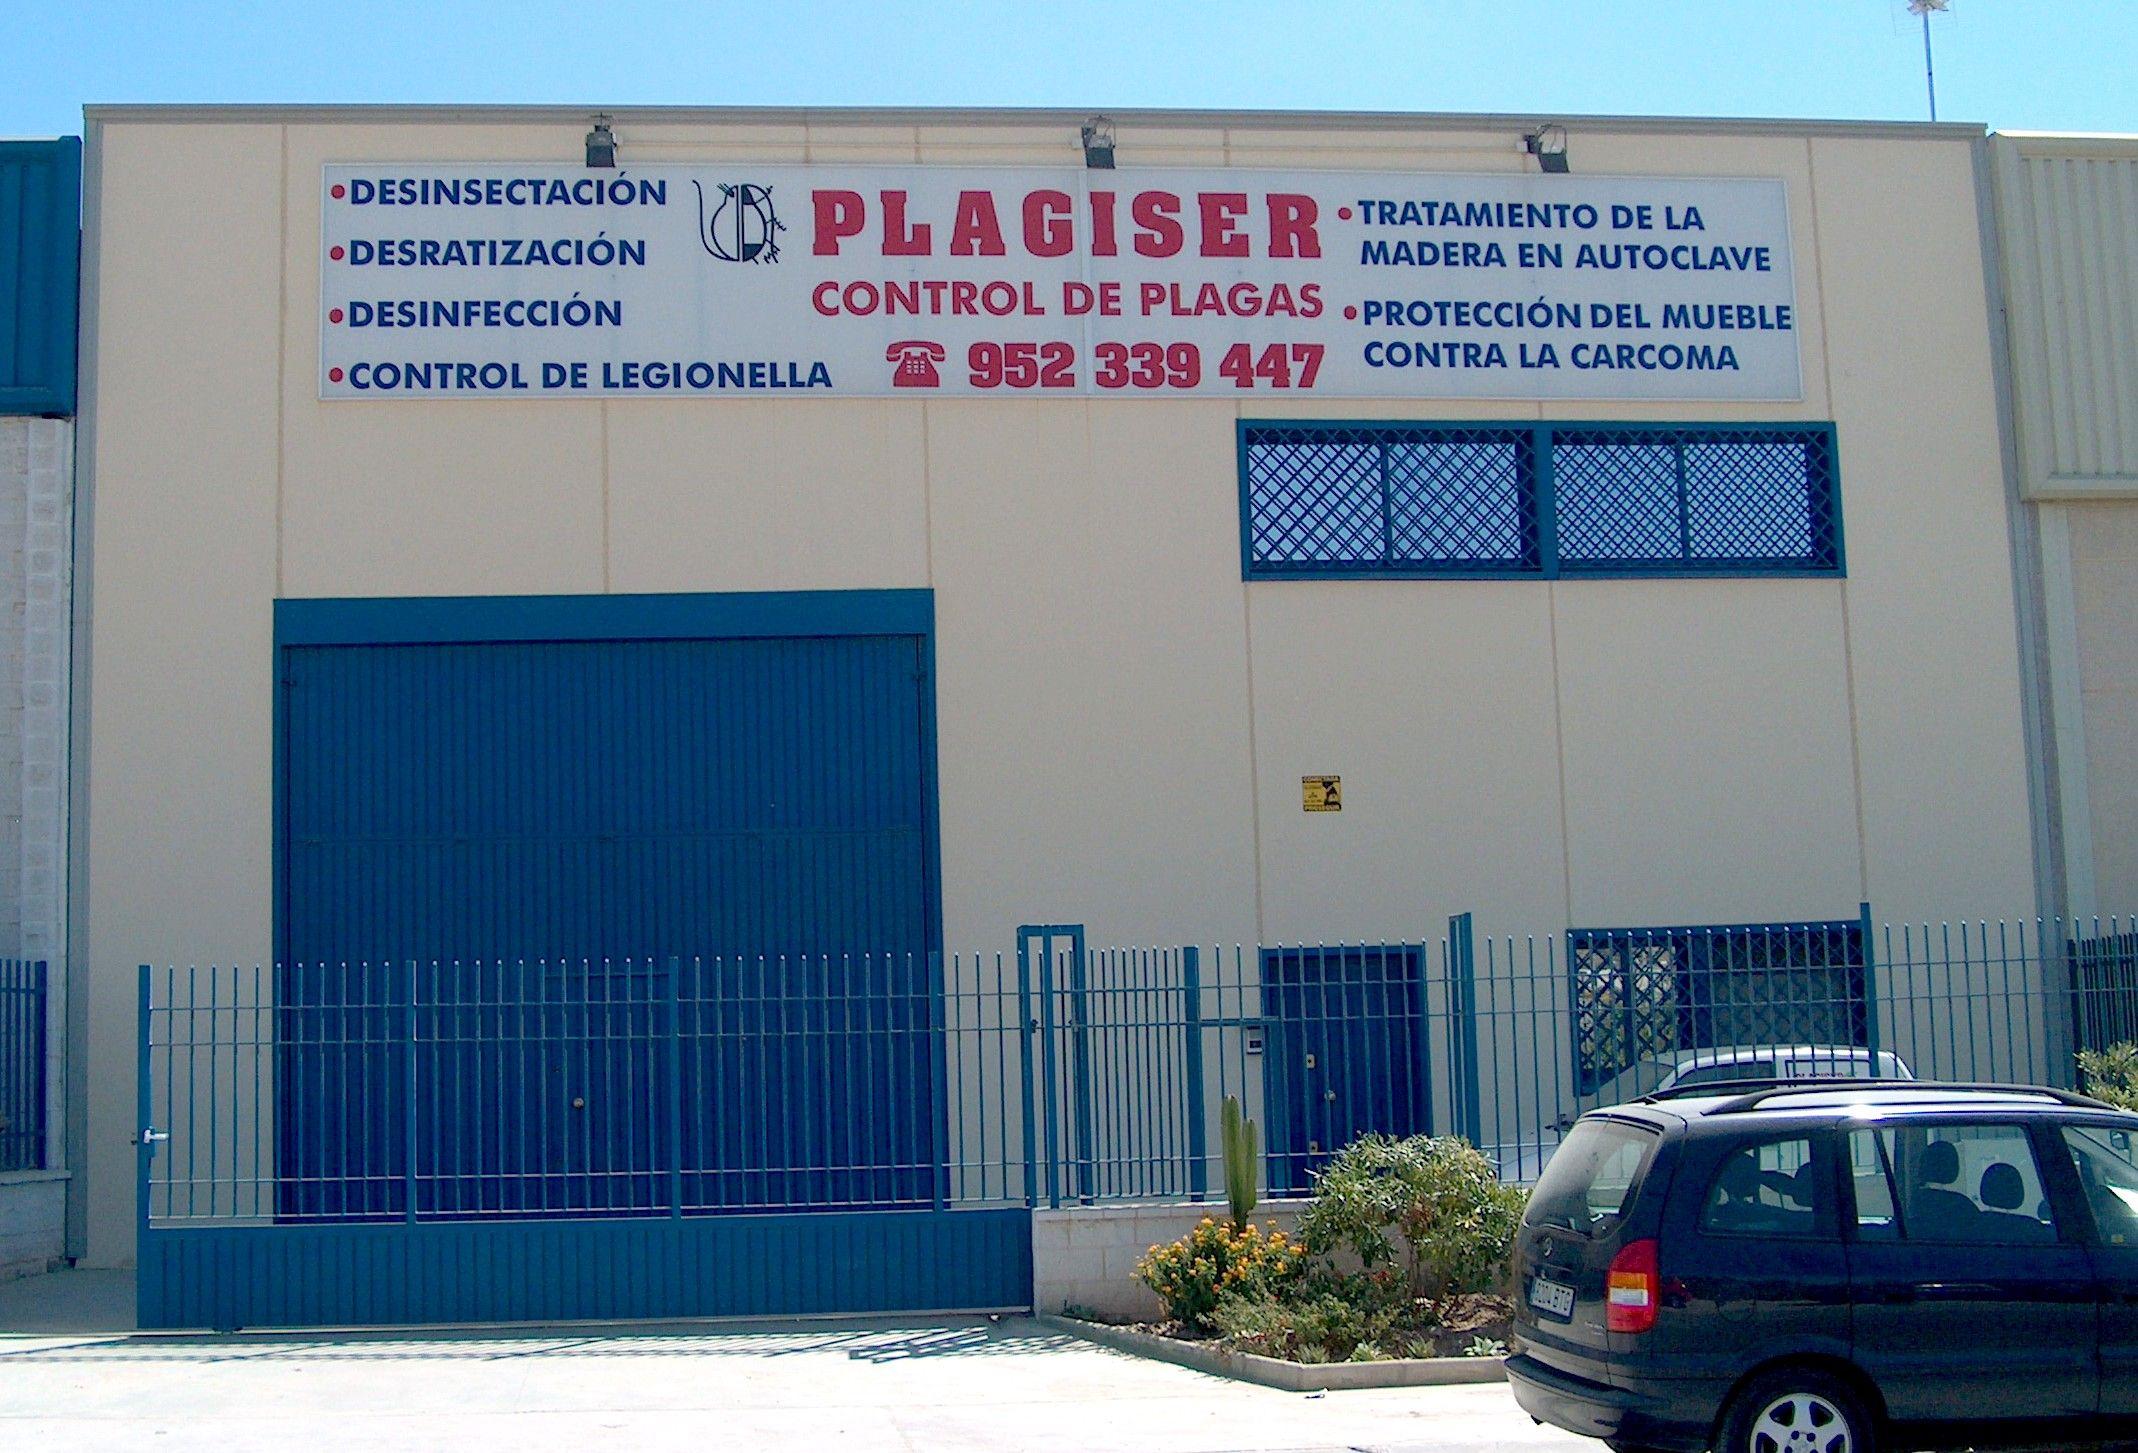 Plagiser m laga empresa para el tratamiento y control de - Empresa jardineria malaga ...